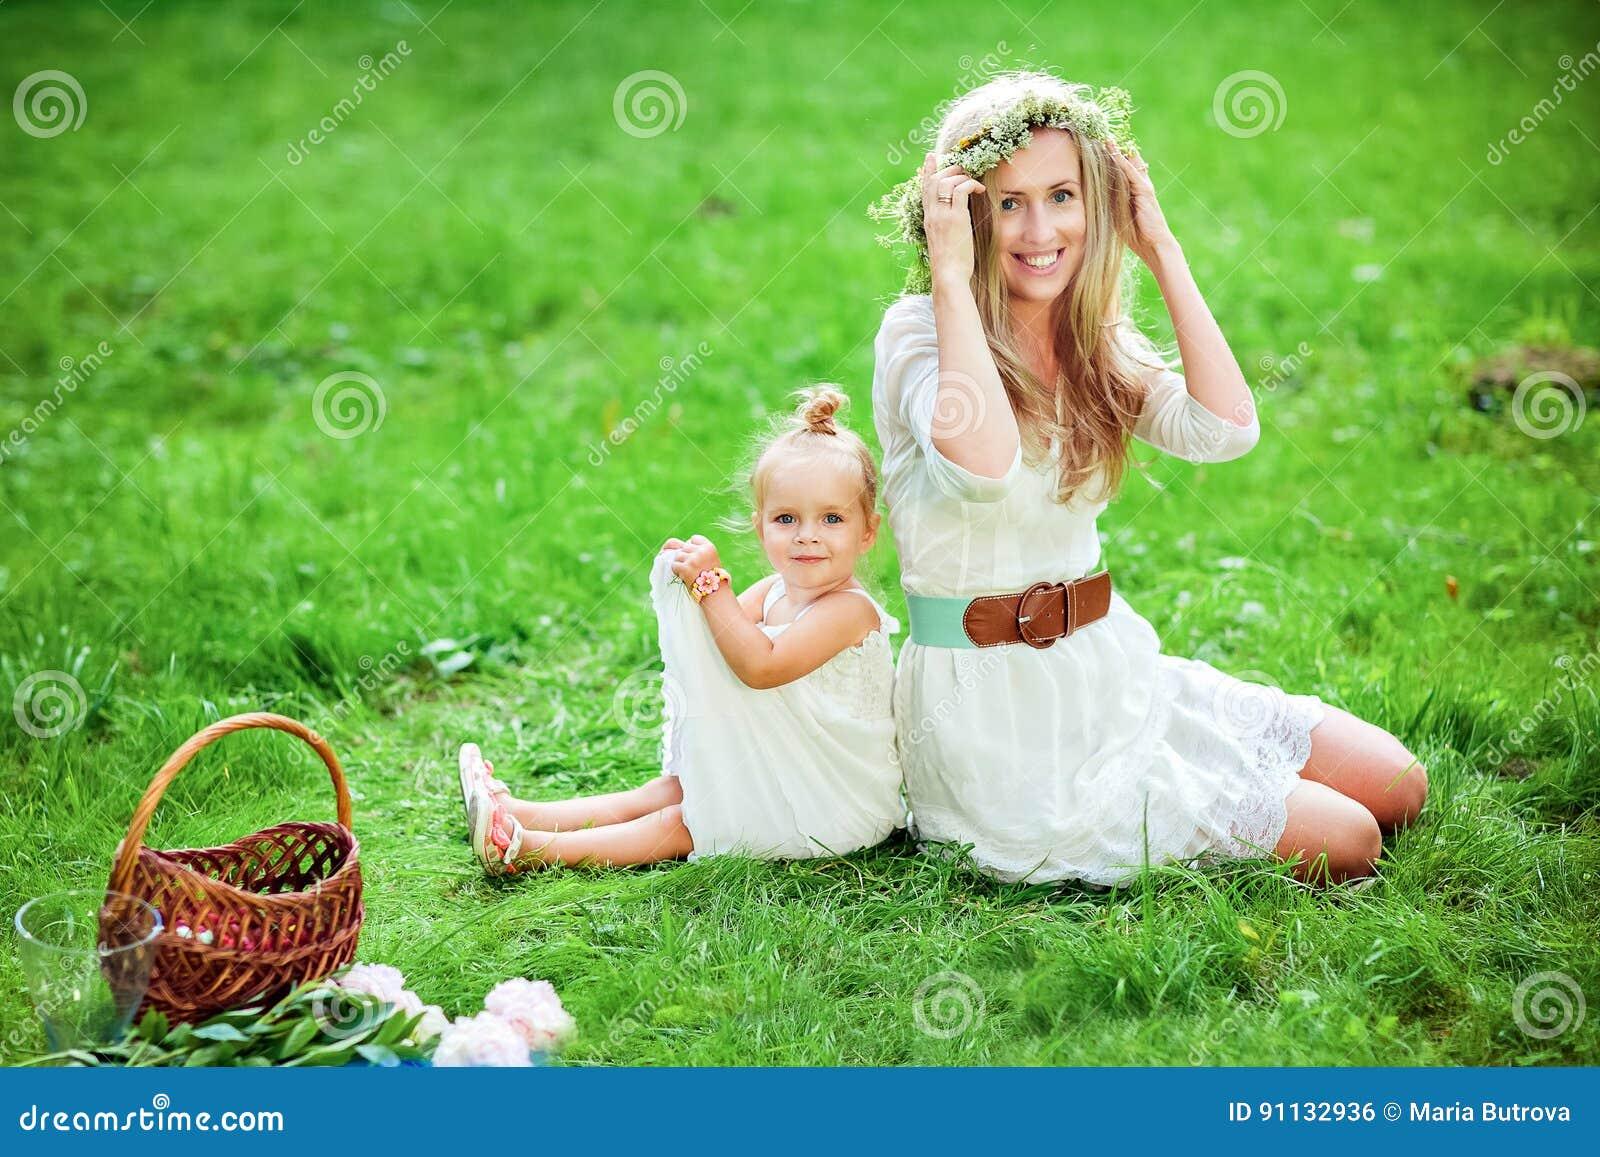 La mamá con una guirnalda en su cabeza y la hija se están sentando en GR